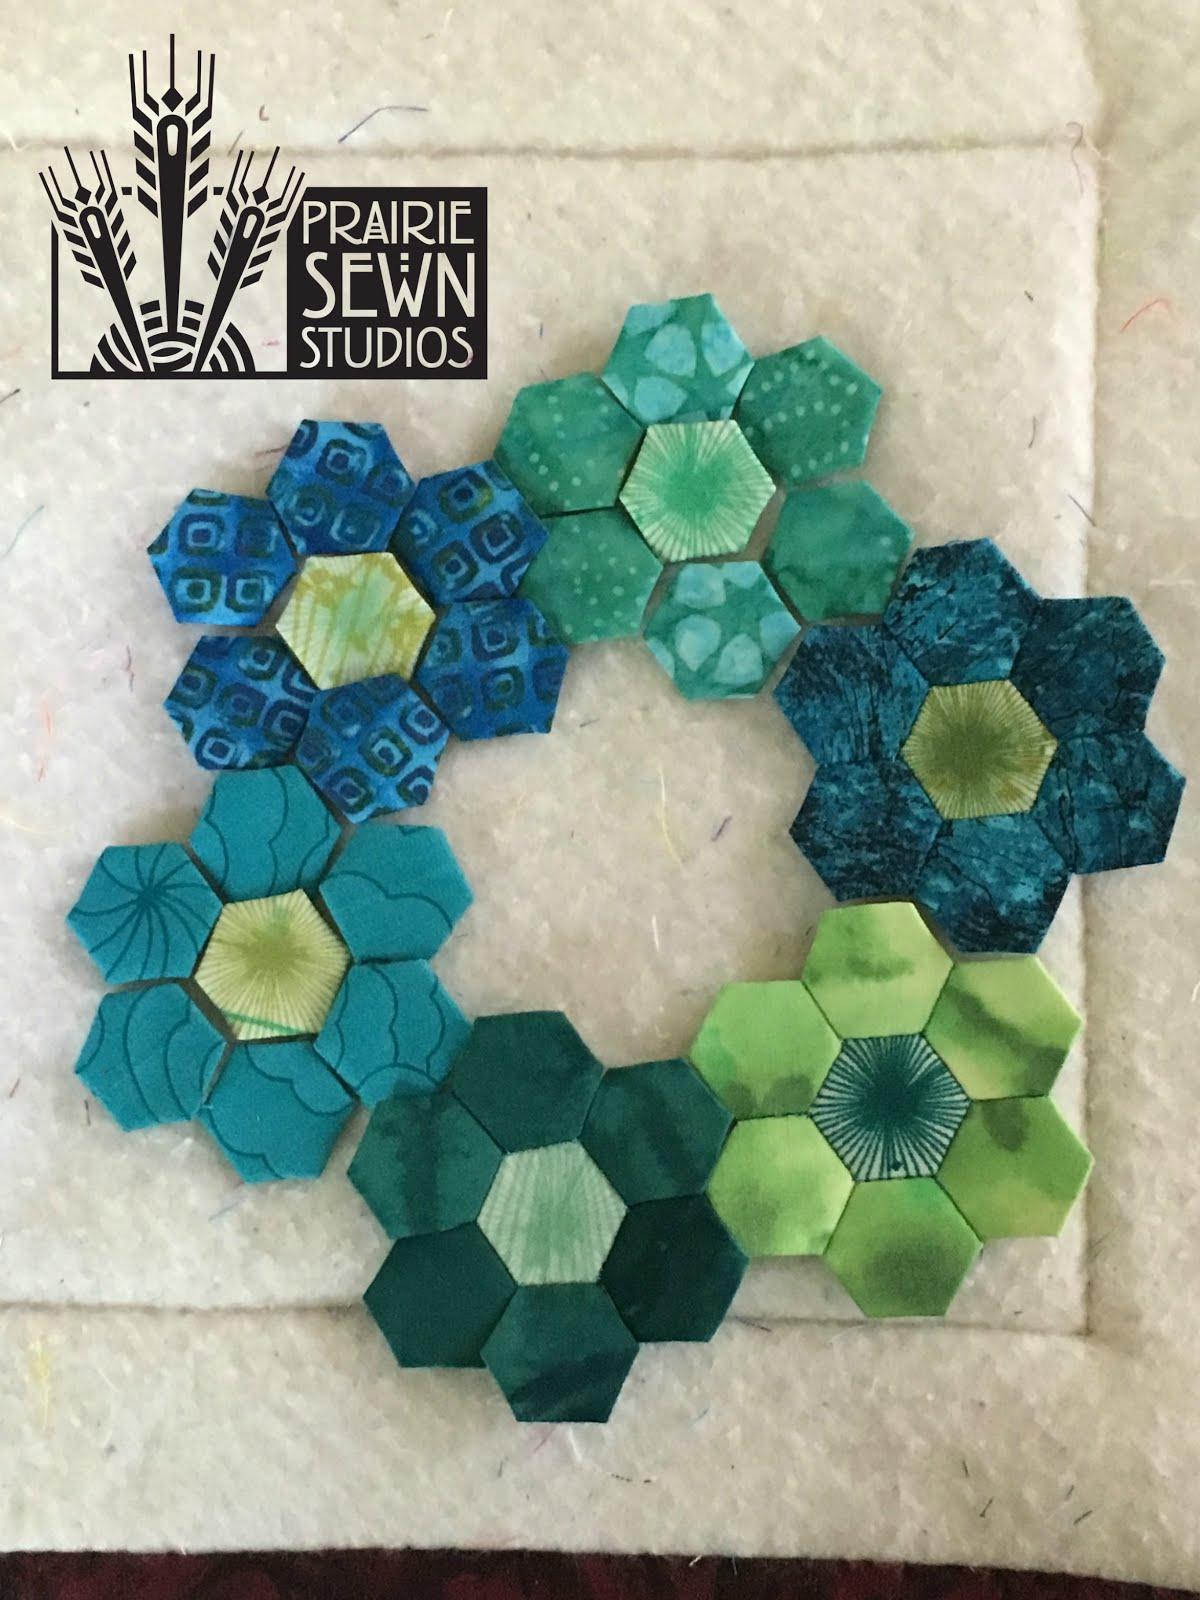 Inchy Hexagon Club Prairie Sewn Studios